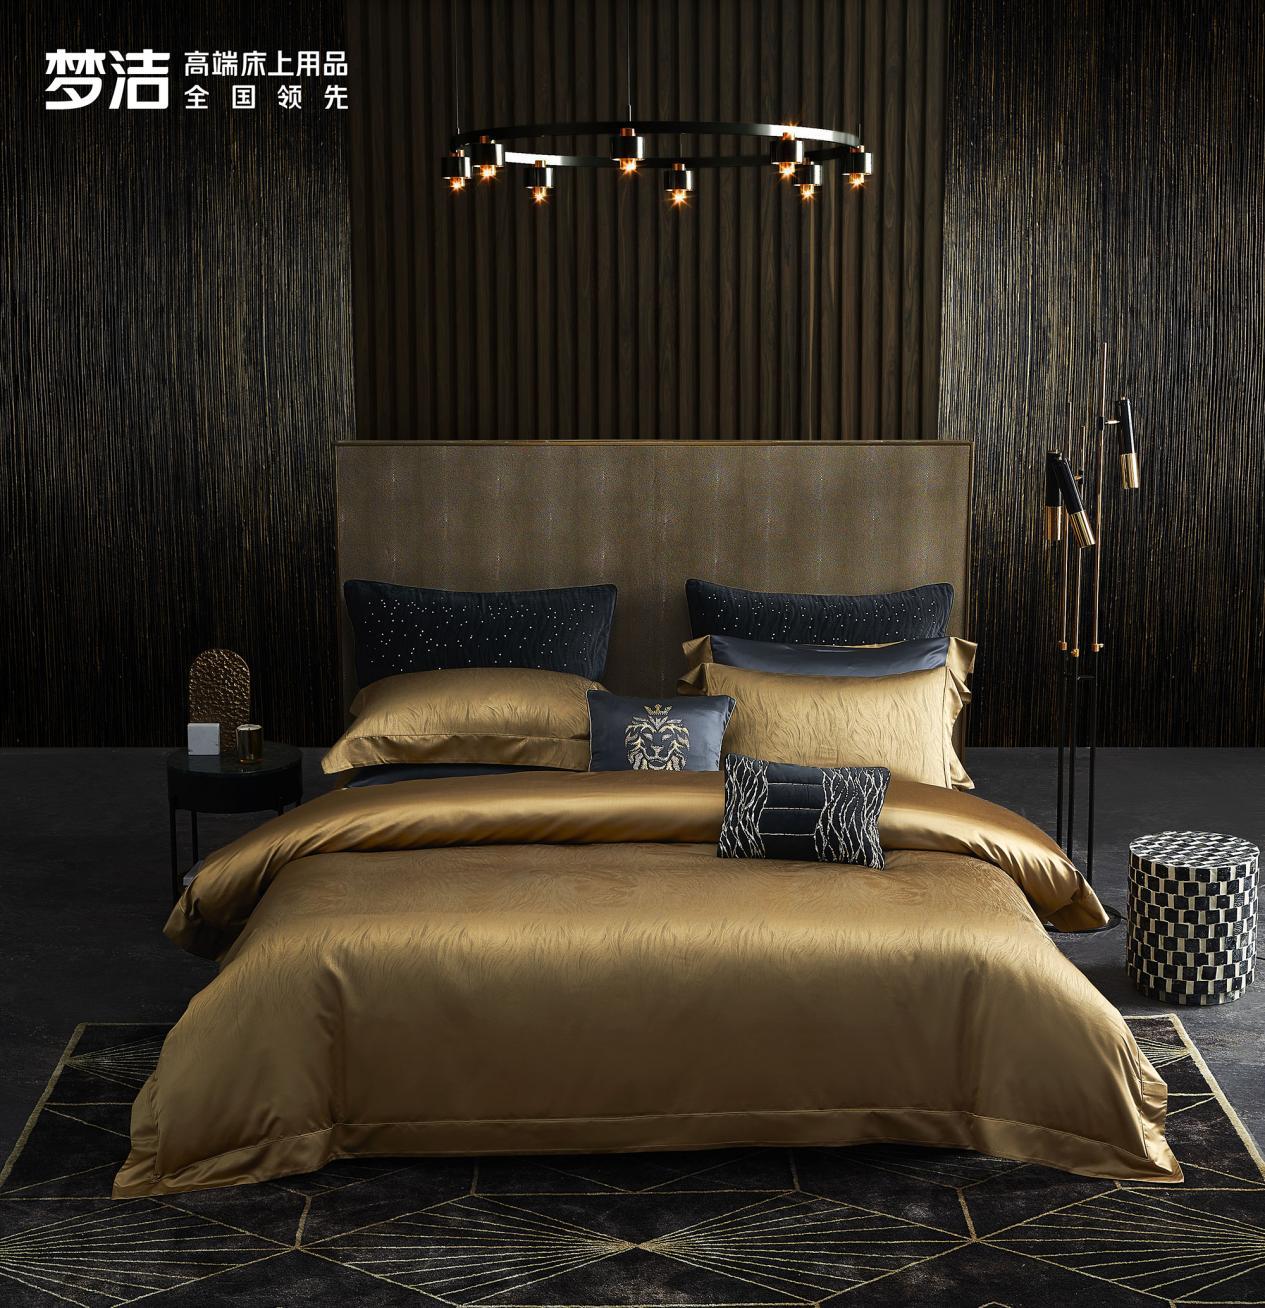 梦洁率先将奢侈品高级成衣工艺标准沿用至床上用品